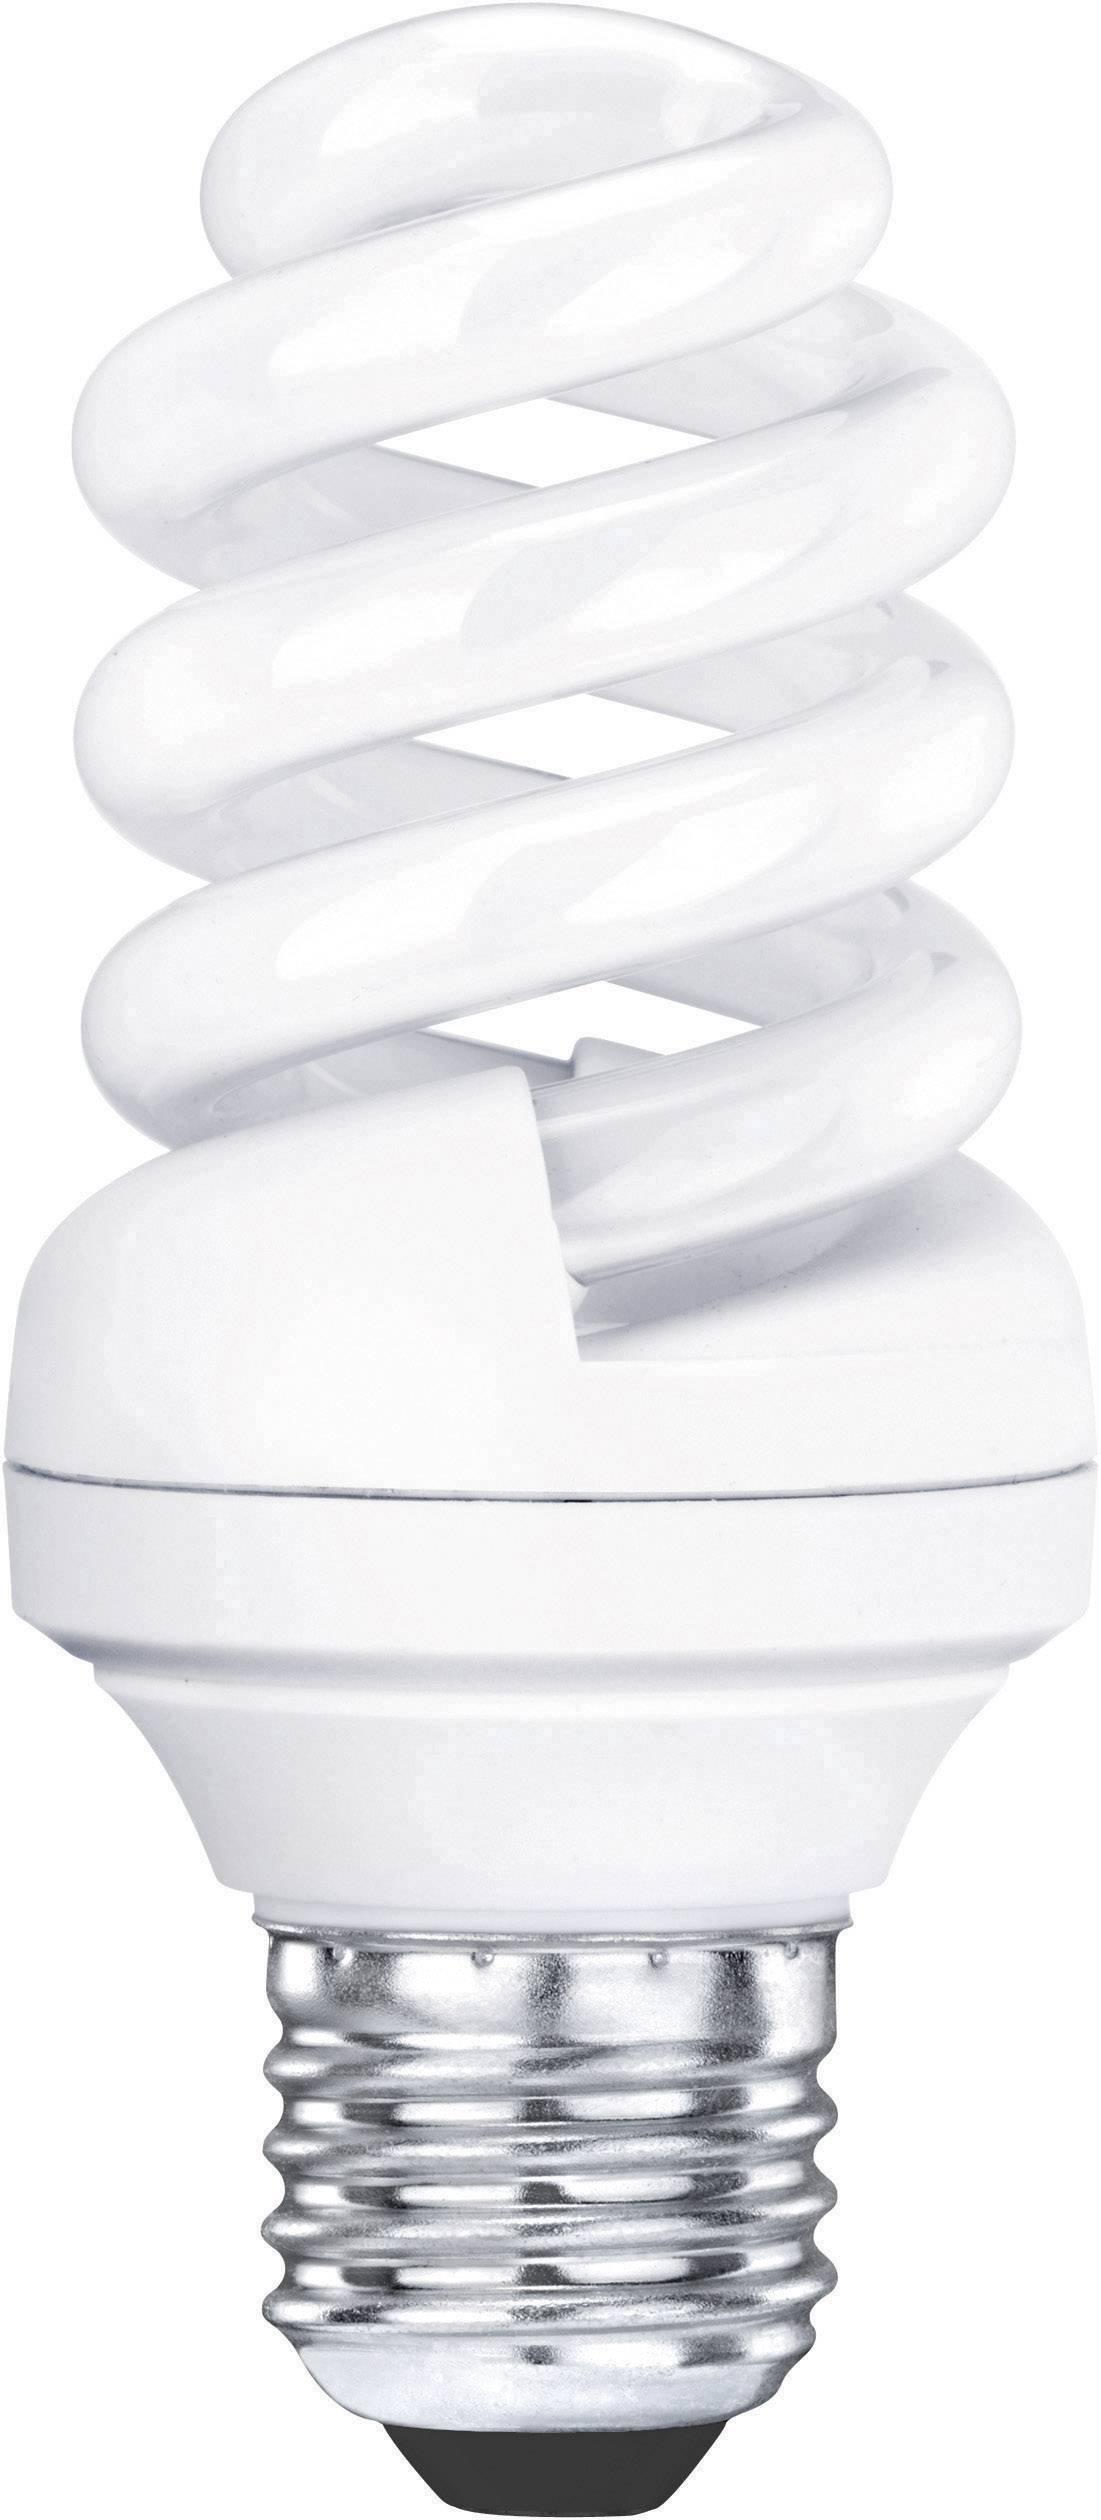 Energeticky úsporné žiarovky